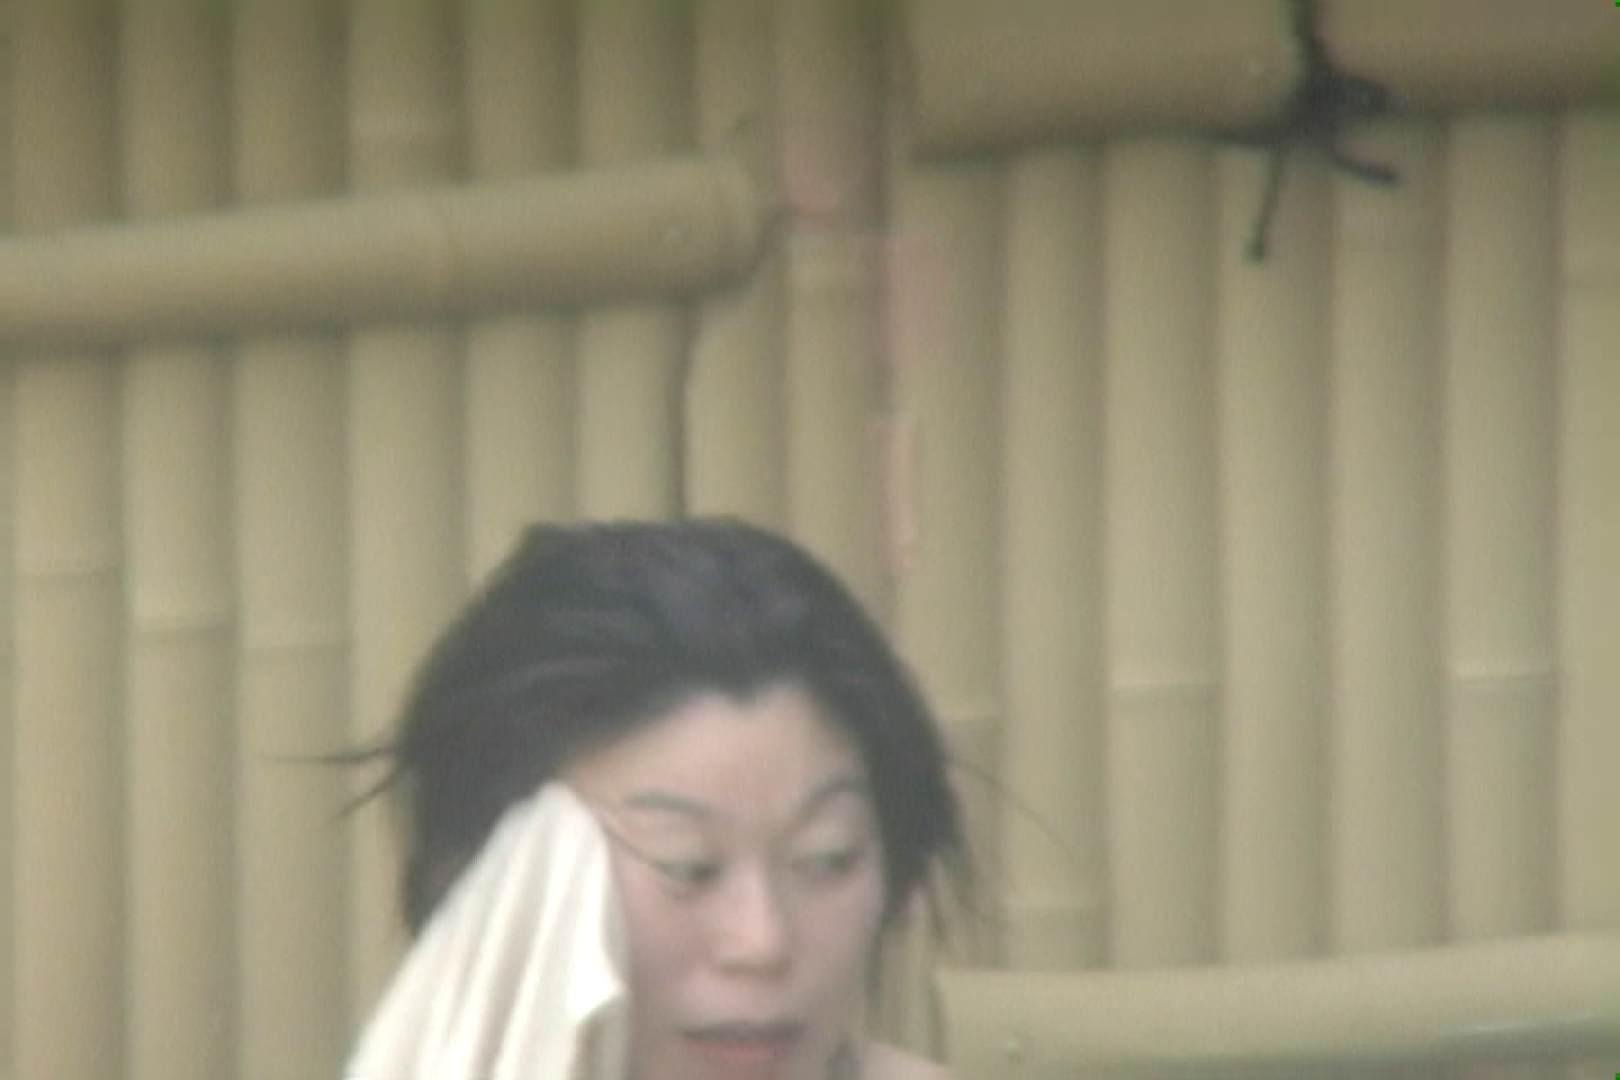 高画質露天女風呂観察 vol.008 高画質 アダルト動画キャプチャ 102PIX 27